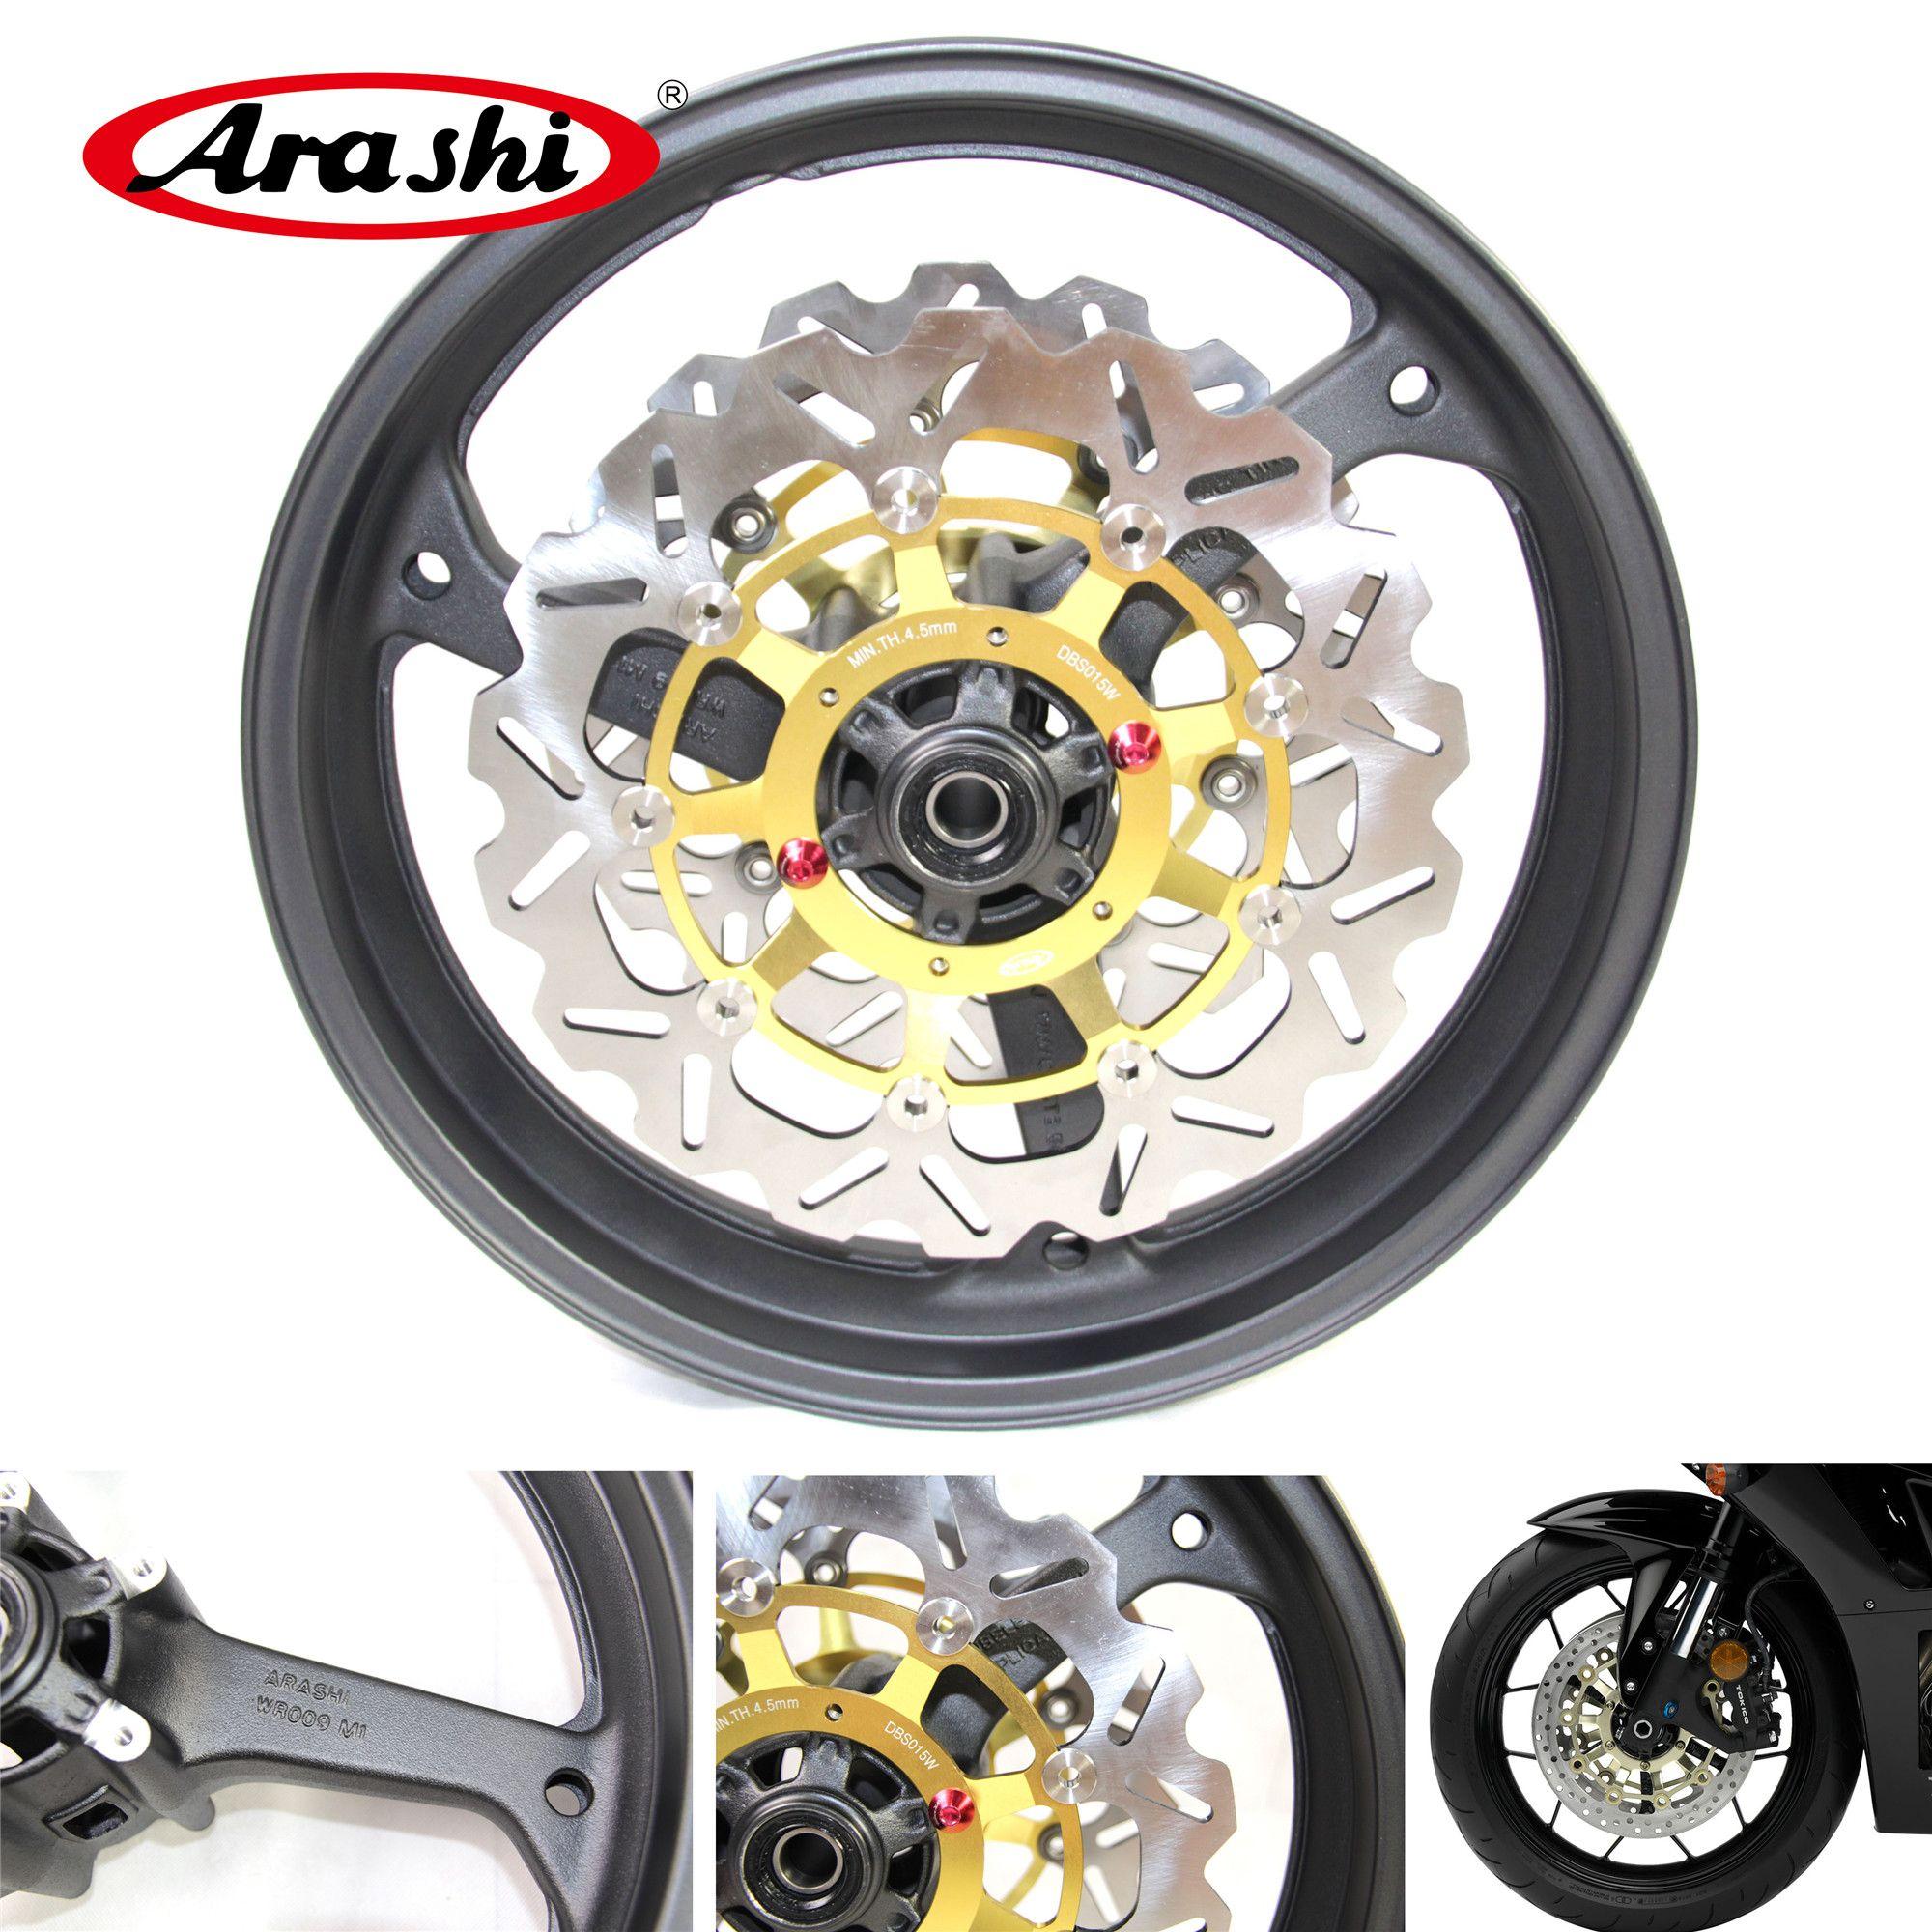 2019 Arashi For Honda Cbr600rr 2007 2015 Front Wheel Rim Brake Disc